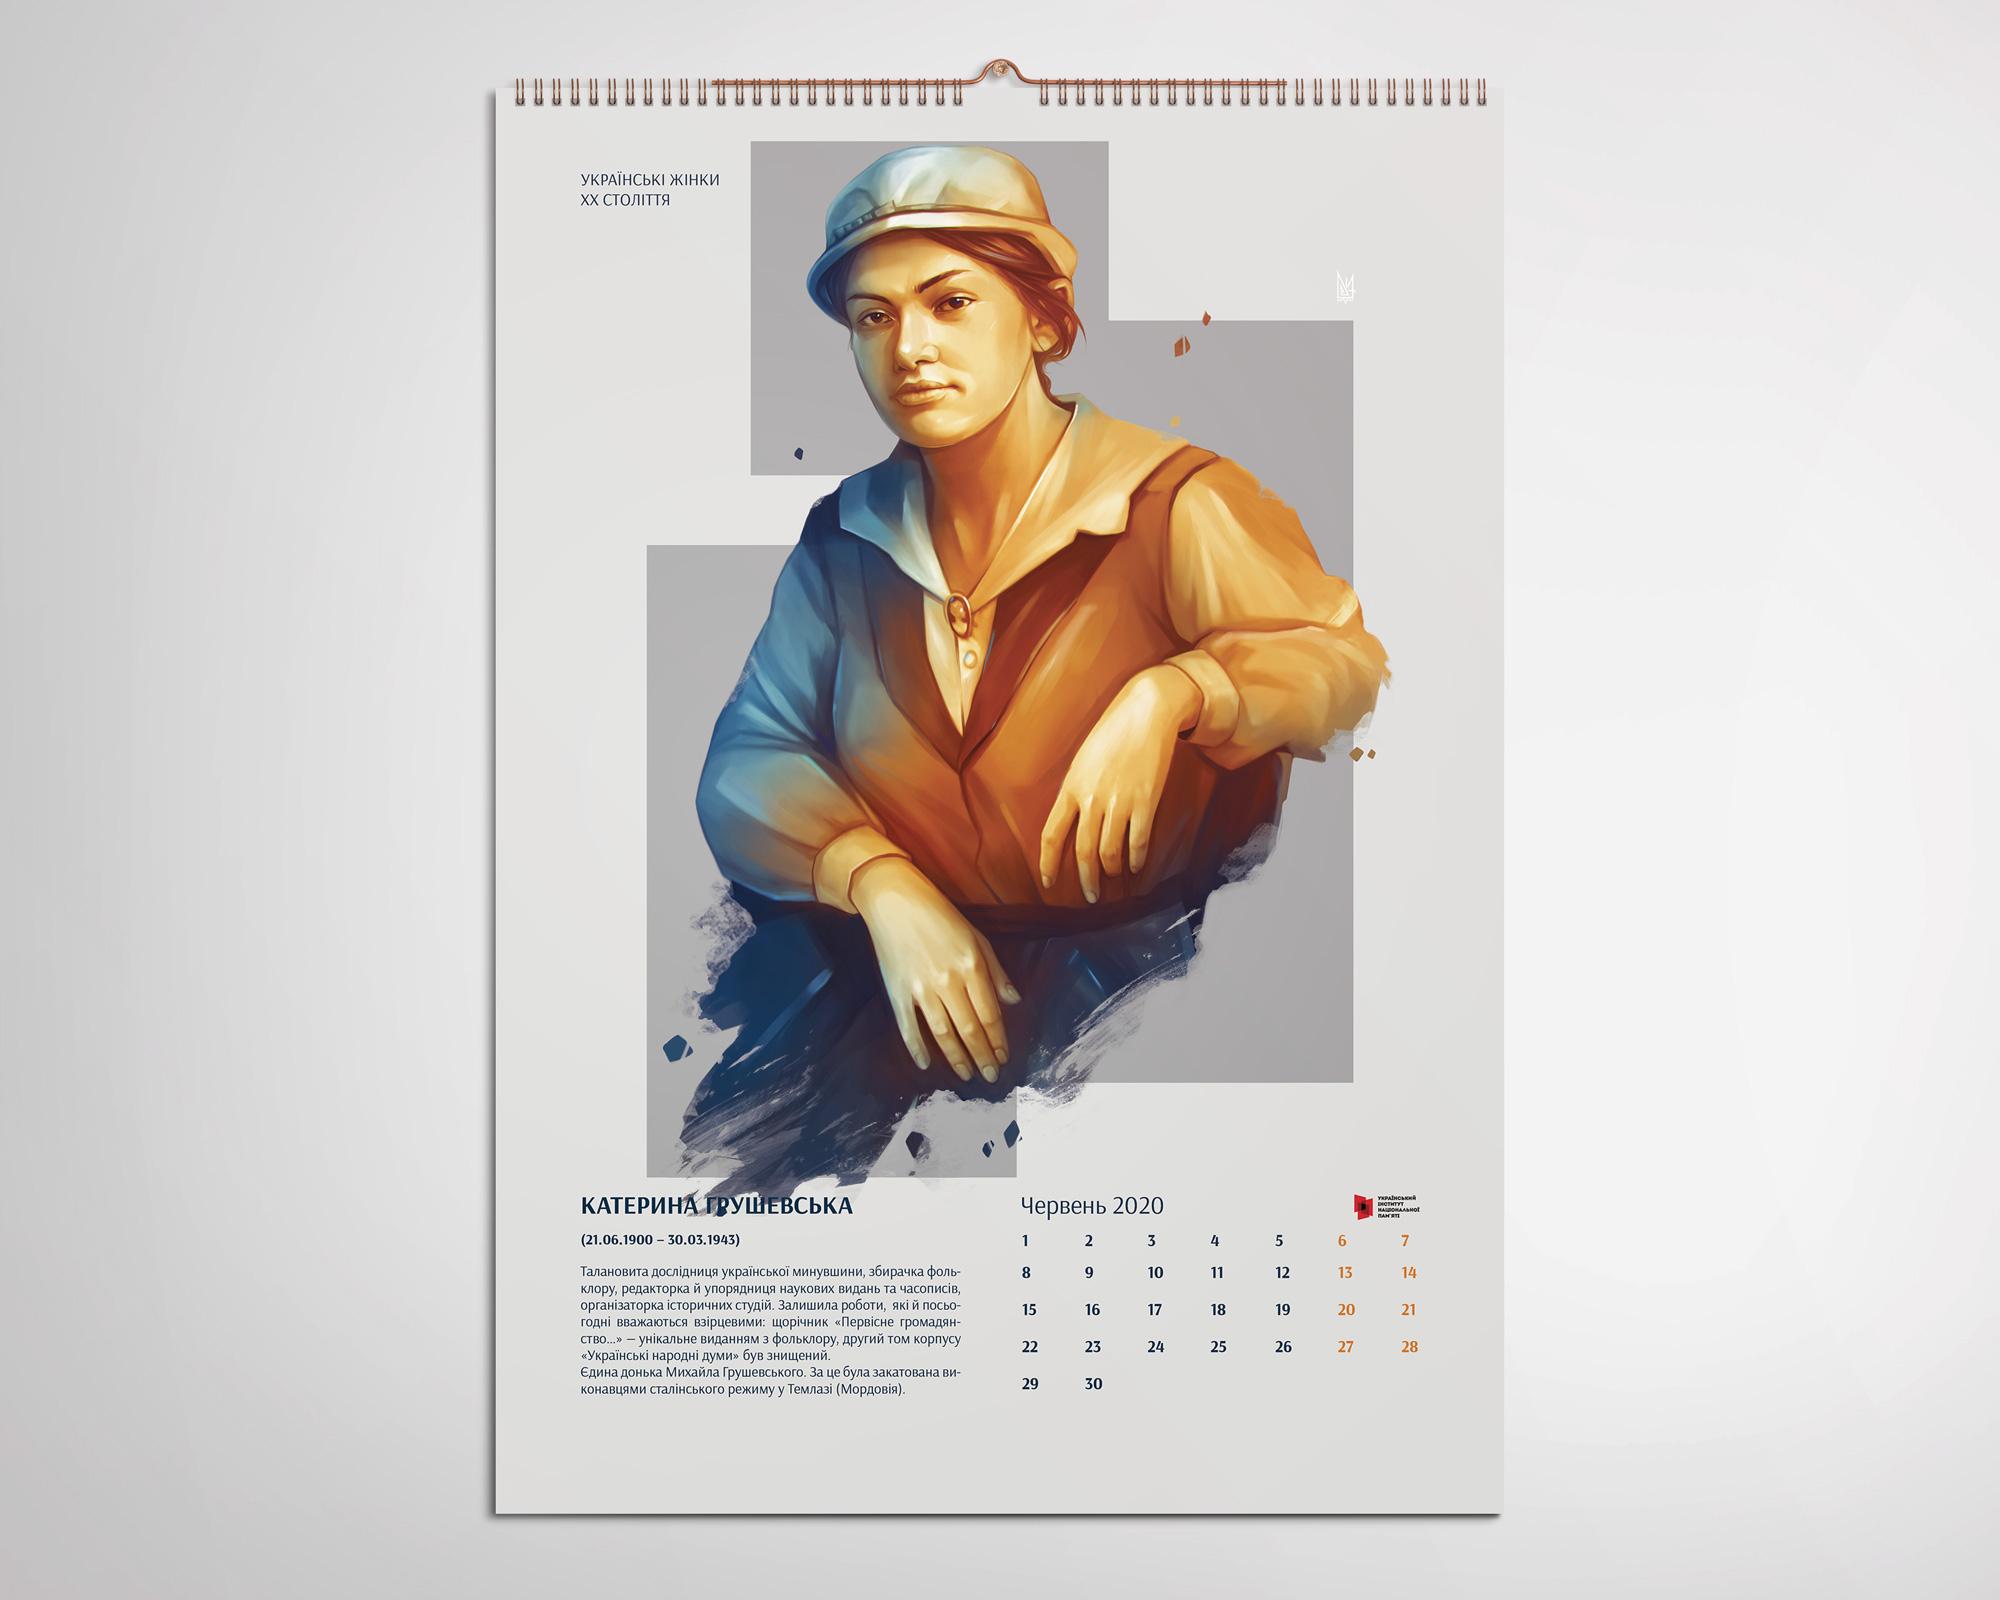 Календар побудовано на зображенні, тому календарна сітка має в ньому другорядну роль